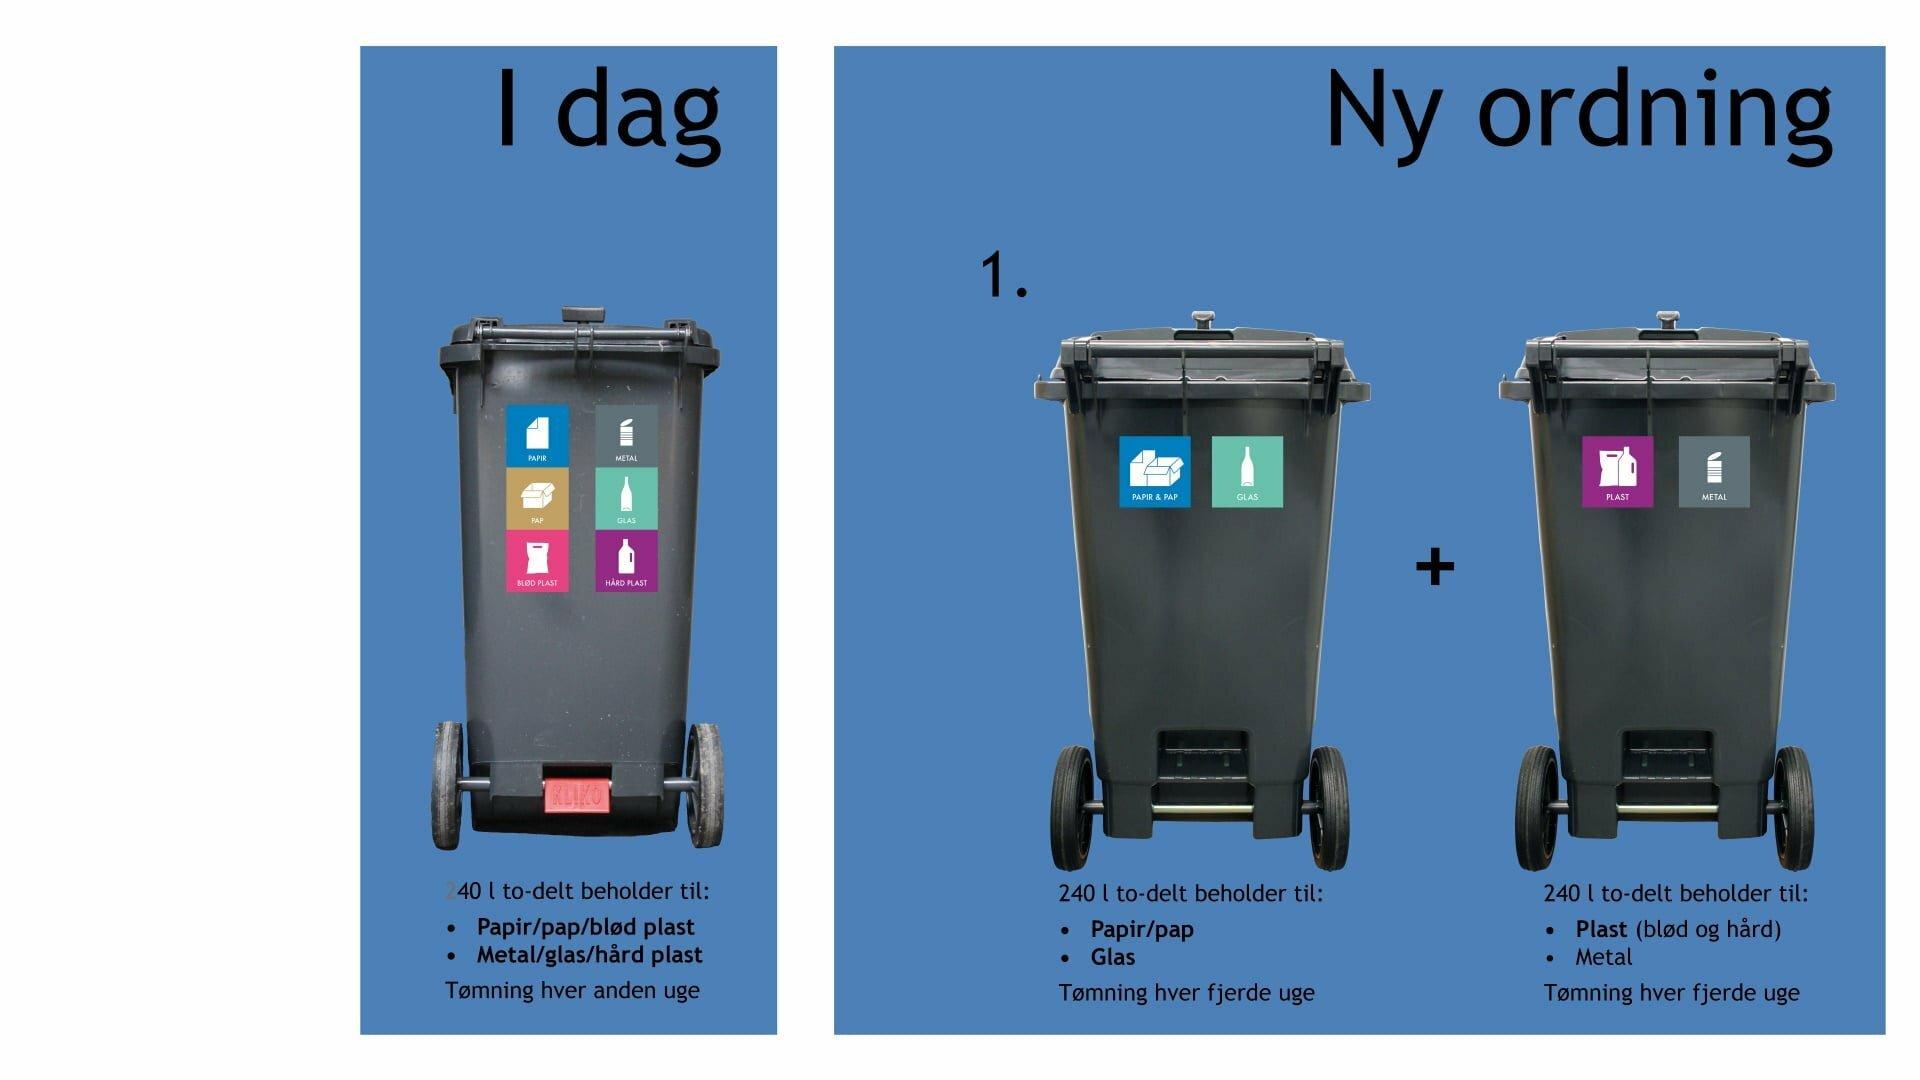 Her er standardløsningen til genbrugsbeholderne i den nye affaldsordning - 2 x todelte beholdere på hve 240 Liter.